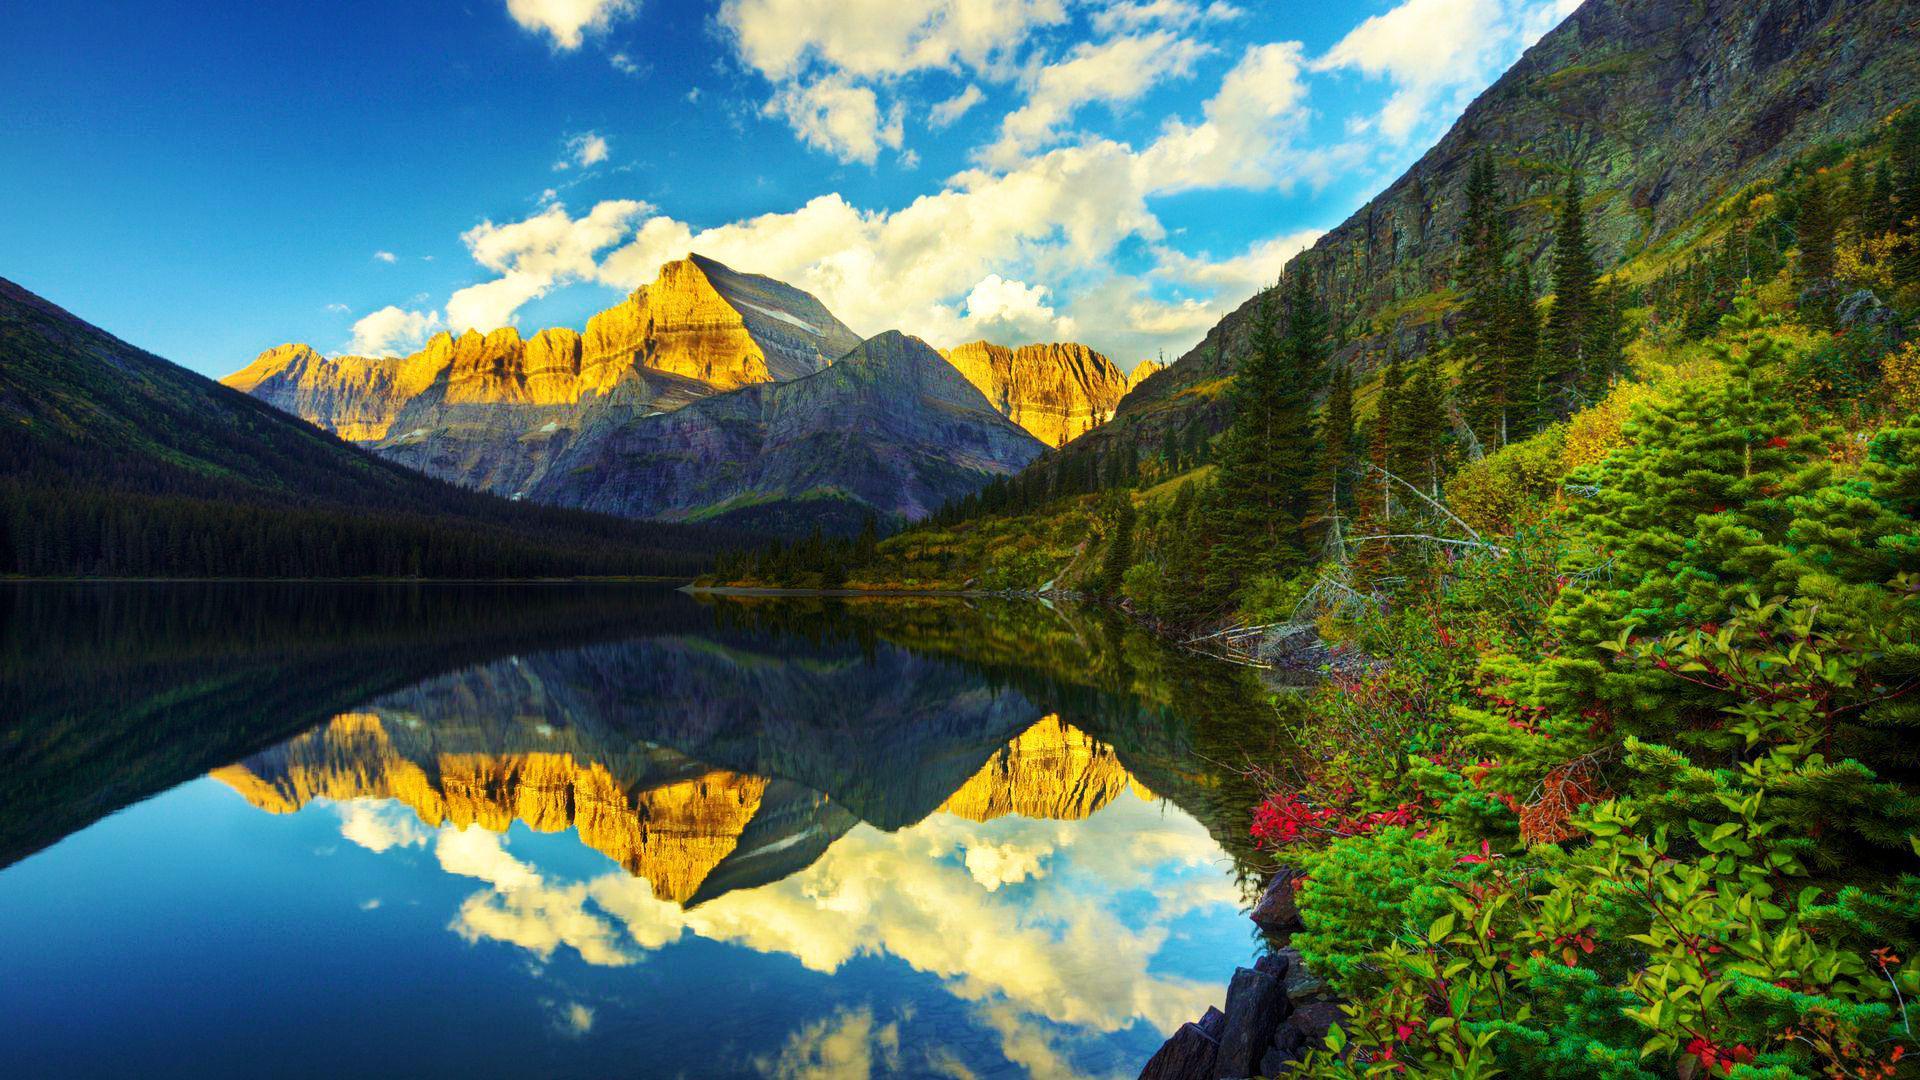 Glacier National Park Backgrounds, Compatible - PC, Mobile, Gadgets| 1920x1080 px